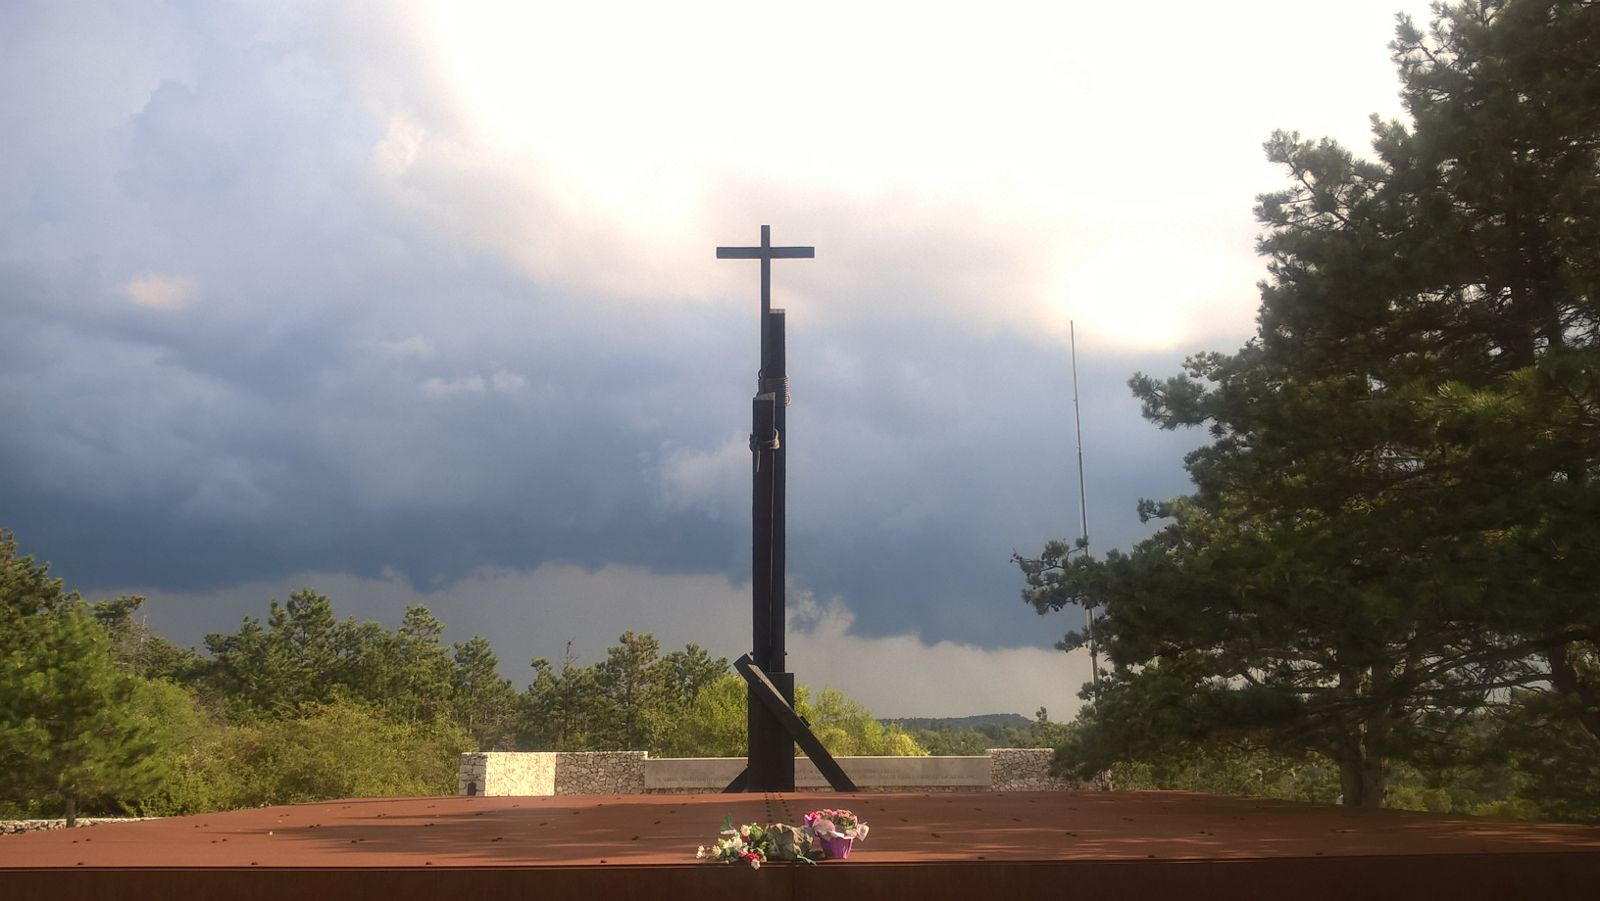 Mentana, l'amministrazione commemora le vittime delle foibe nel Giorno del ricordo